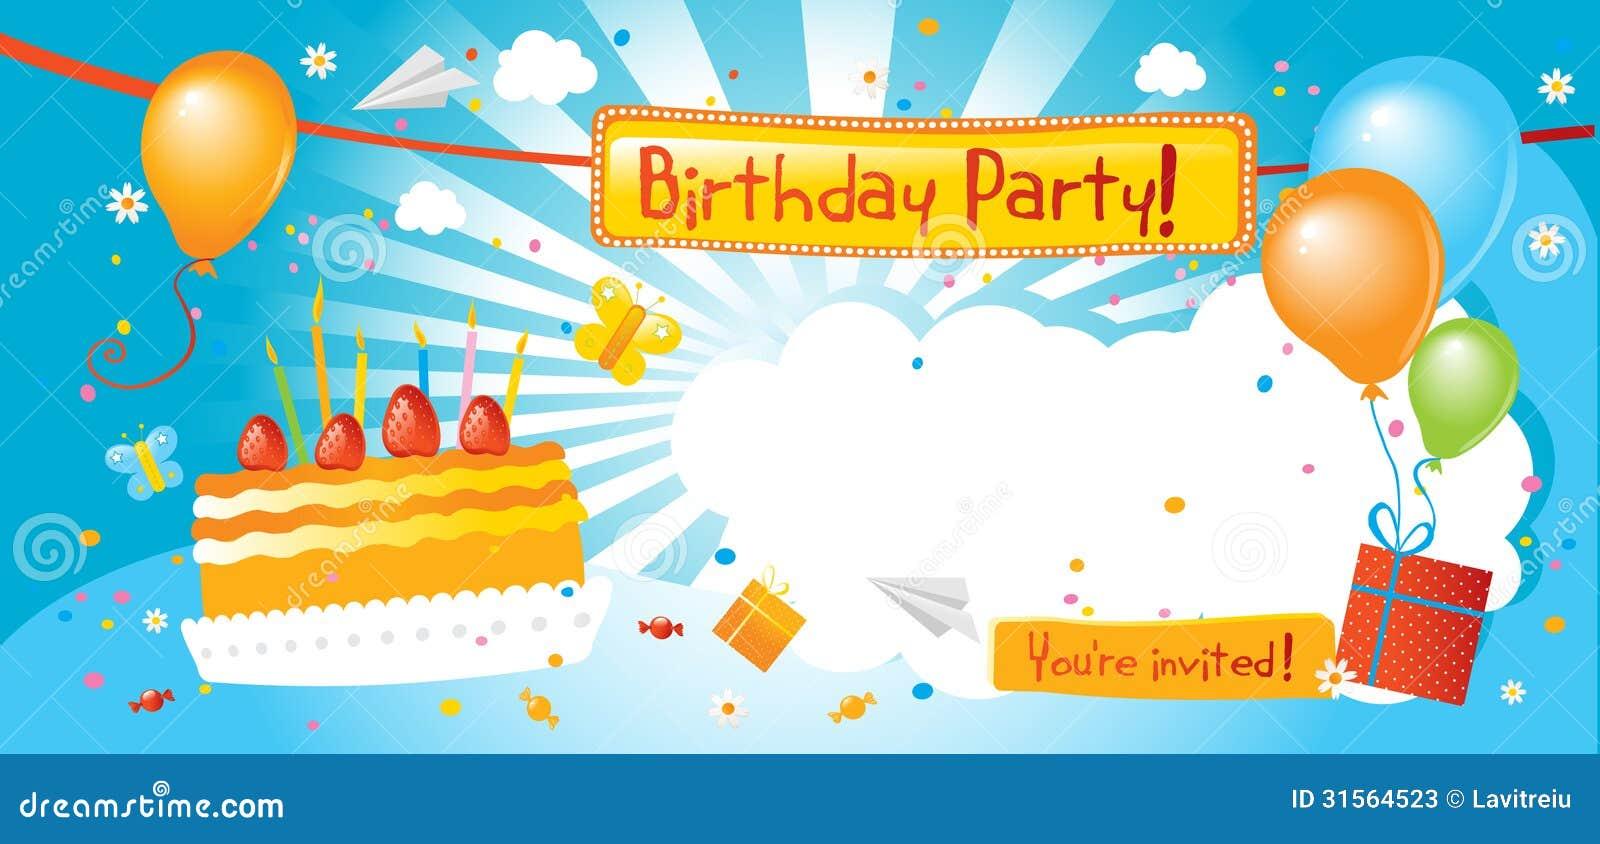 Invitación de la fiesta de cumpleaños